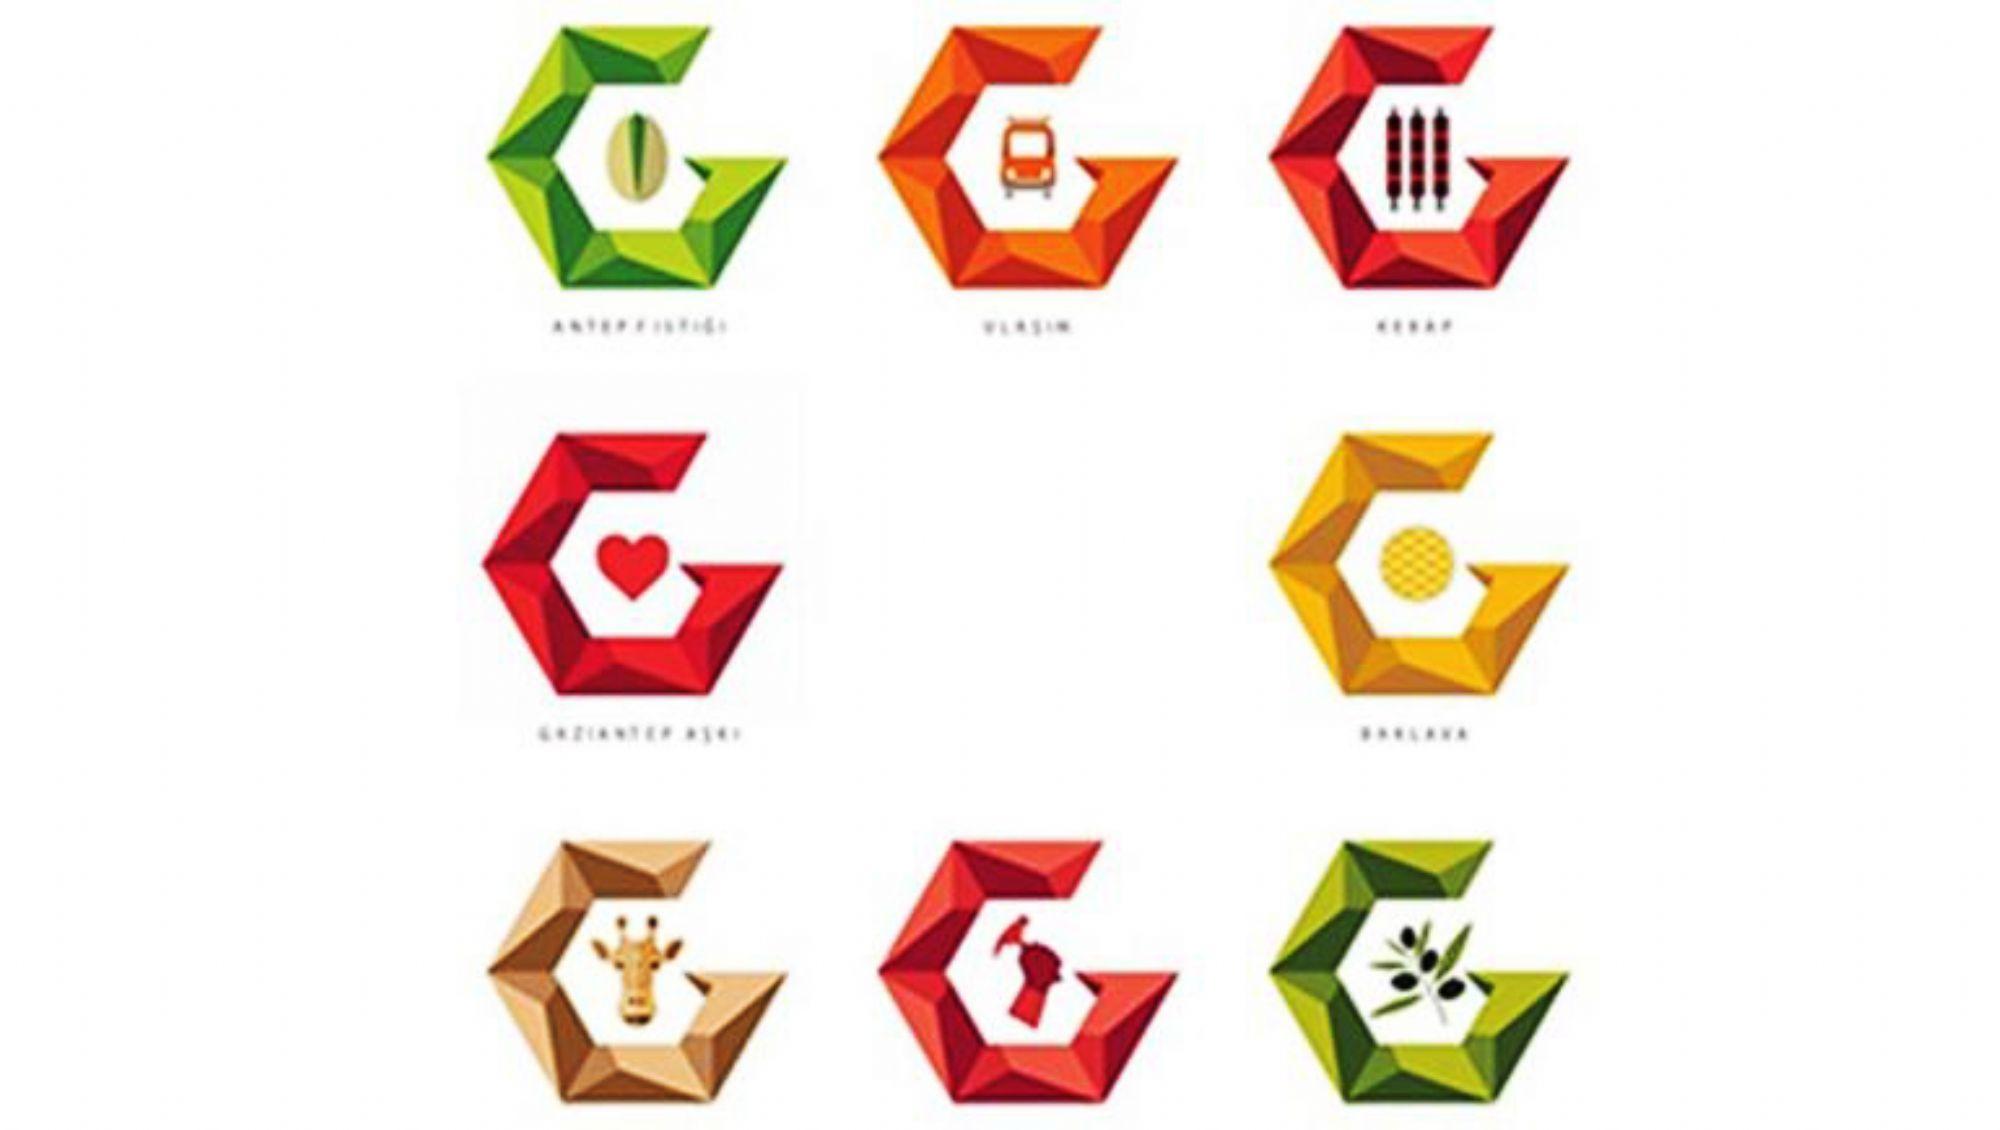 Gaziantep Logo Tasarımı - Gaziantep Logo Tasarım - Gaziantep'te Logo Tasarımcısı